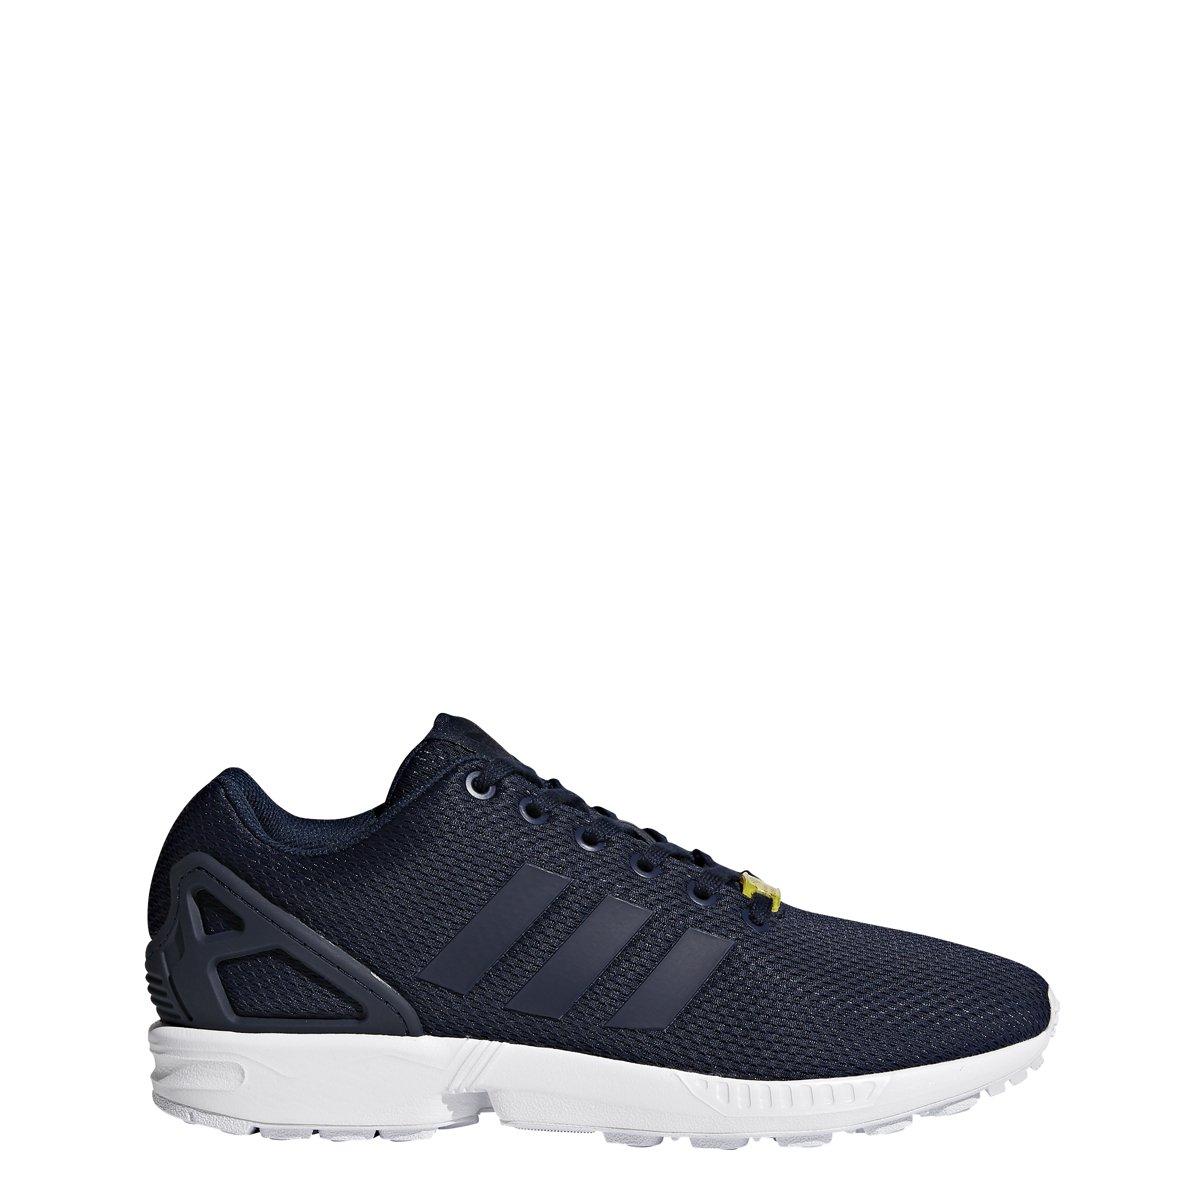 adidas Originals Men's Zx Flux Sneaker B07897JKKM 9.5 D(M) US Dark Blue/ Dark Blue-white